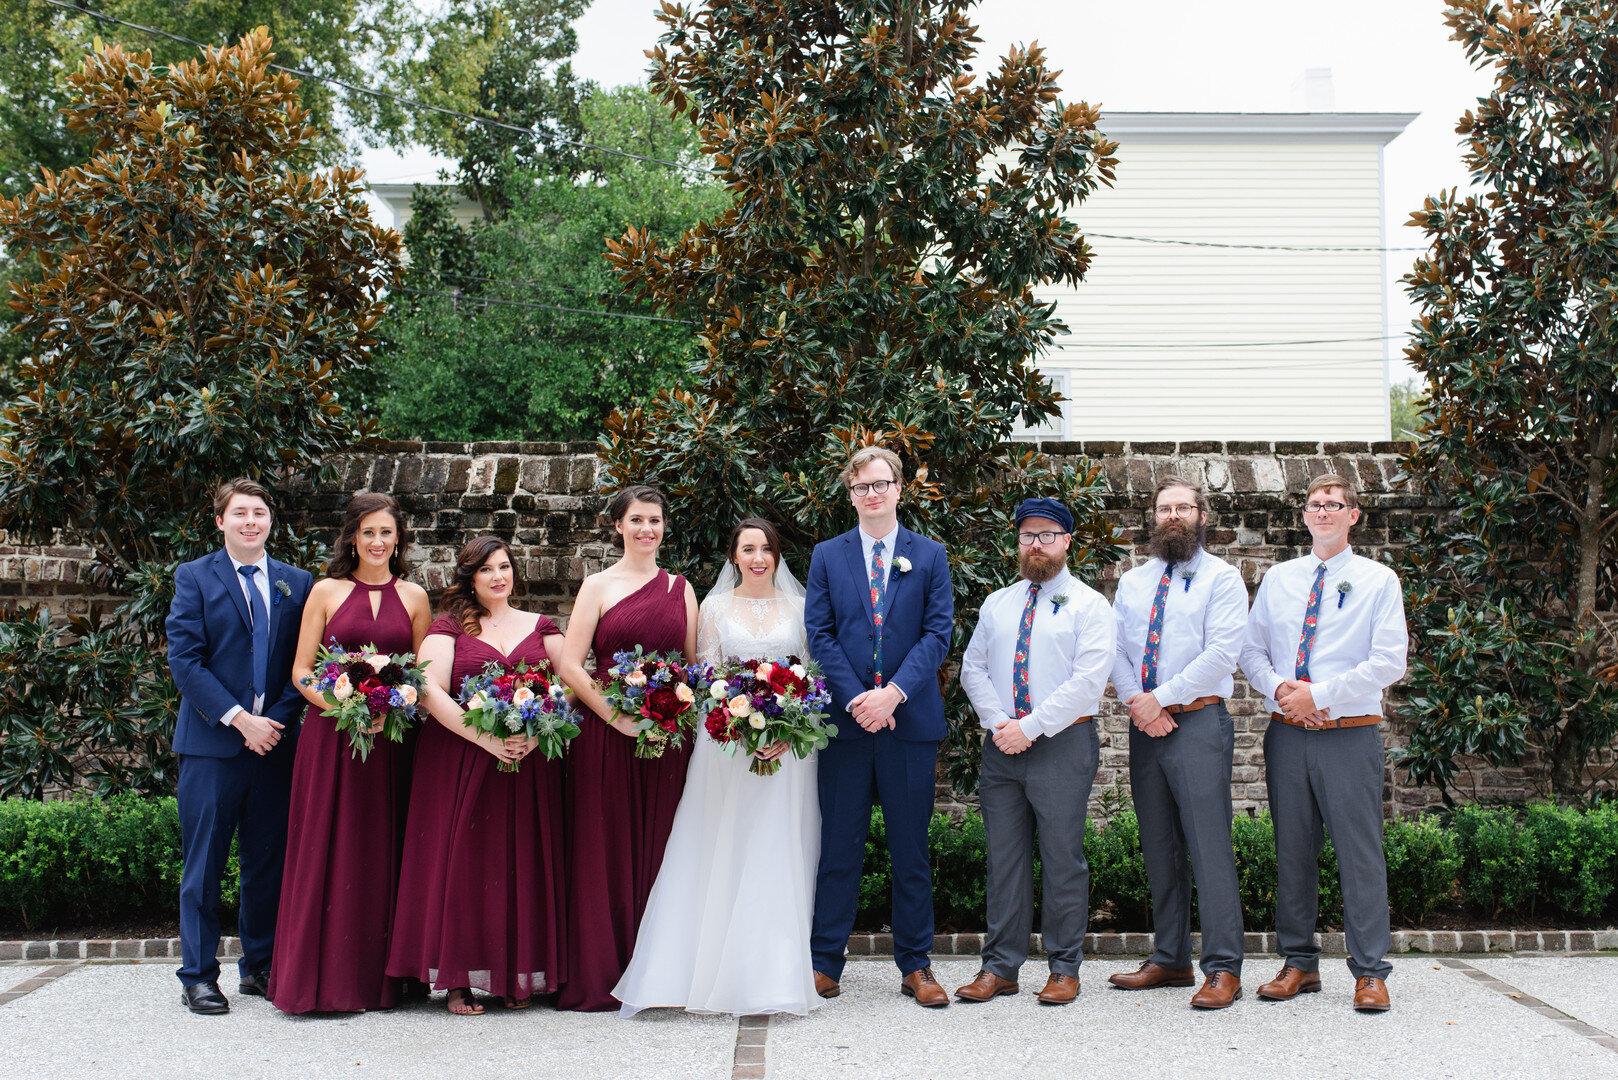 dewberry-hotel-wedding-12.JPG